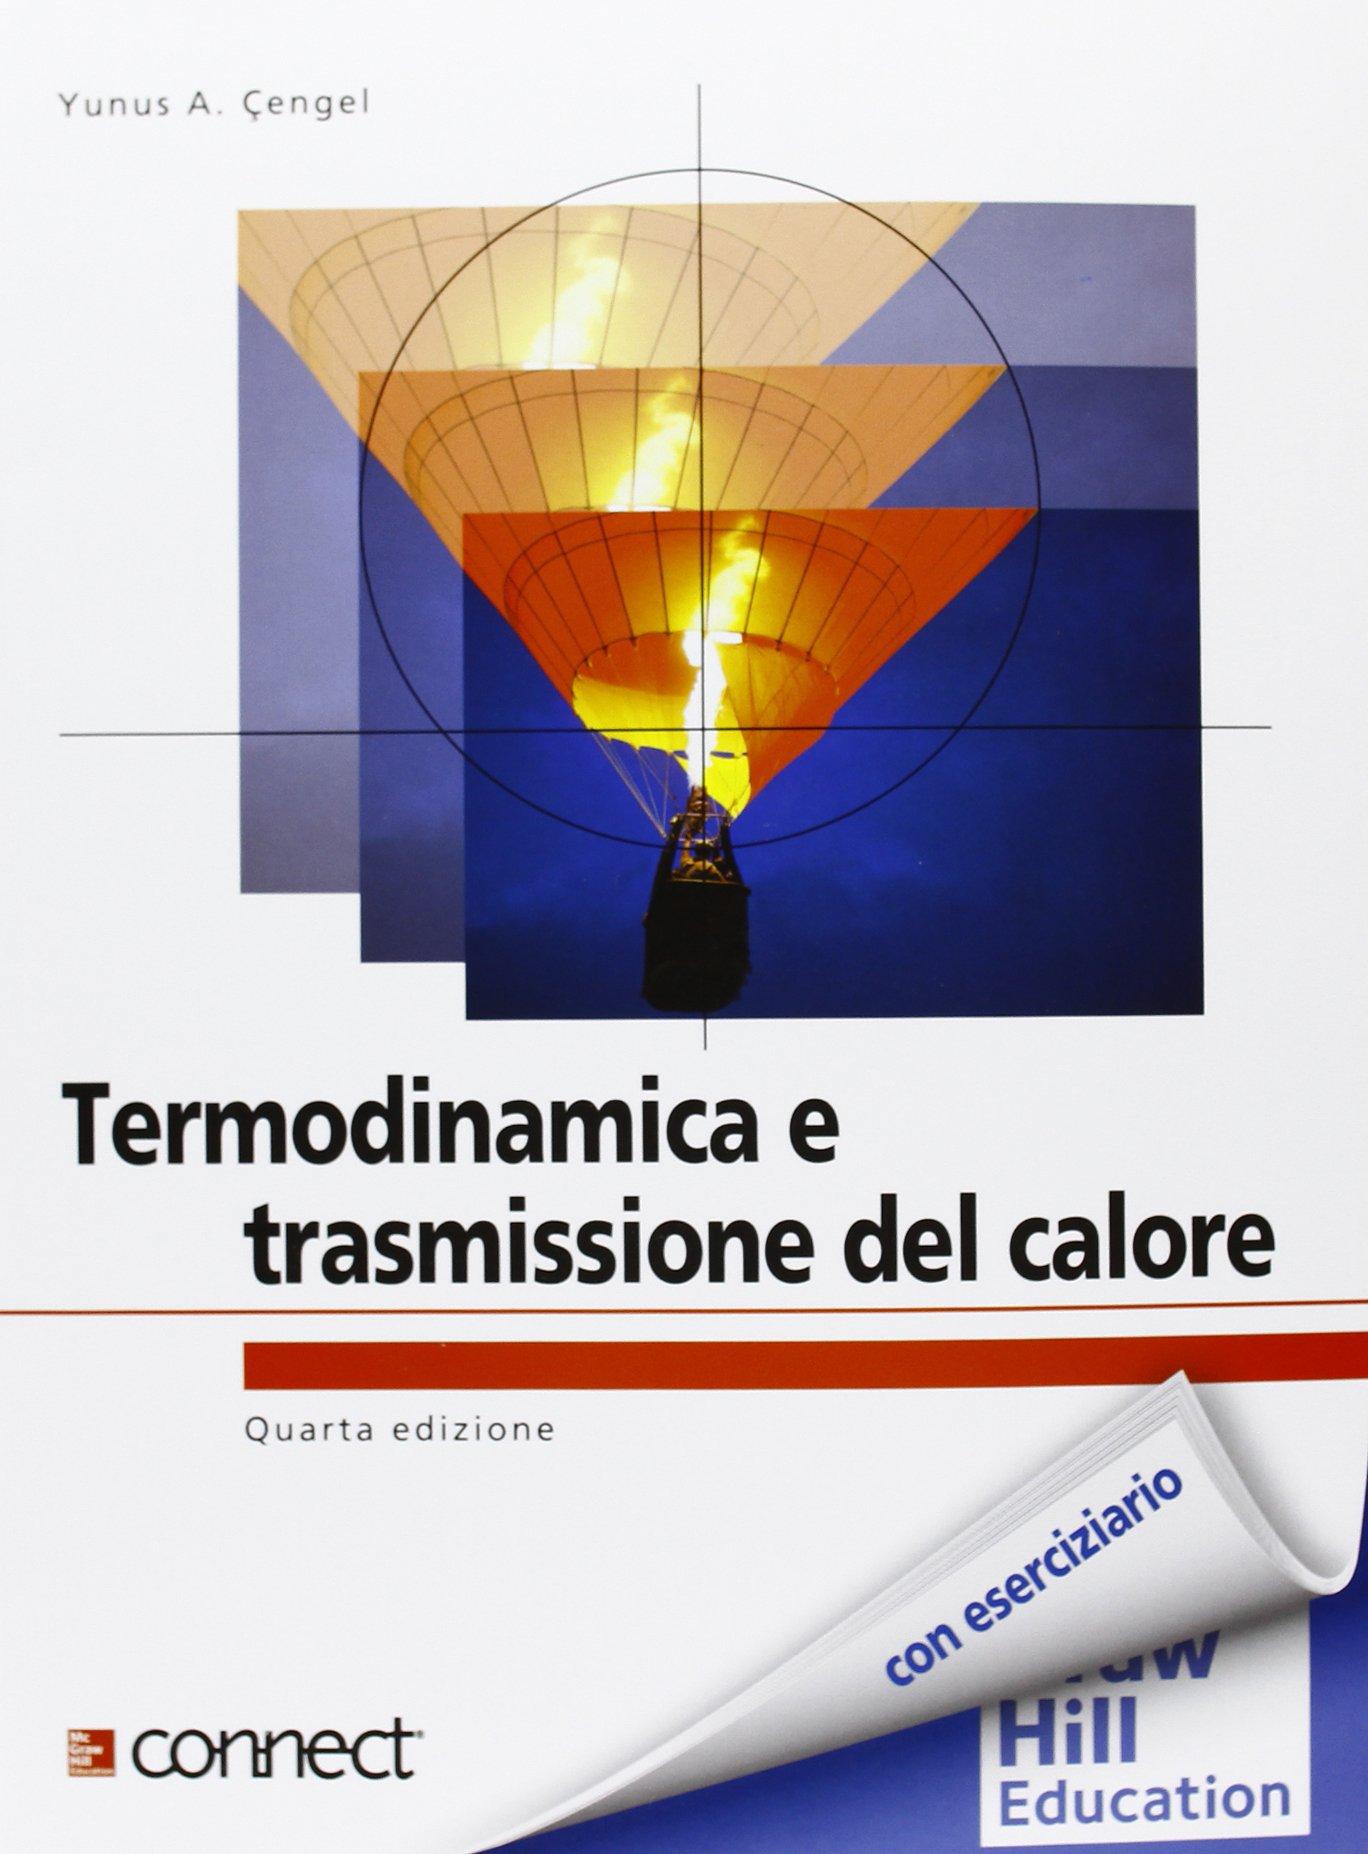 Amazon.it: Termodinamica e trasmissione del calore - Yunus A. Çengel, G.  Dall'Ò, L. Sarto - Libri